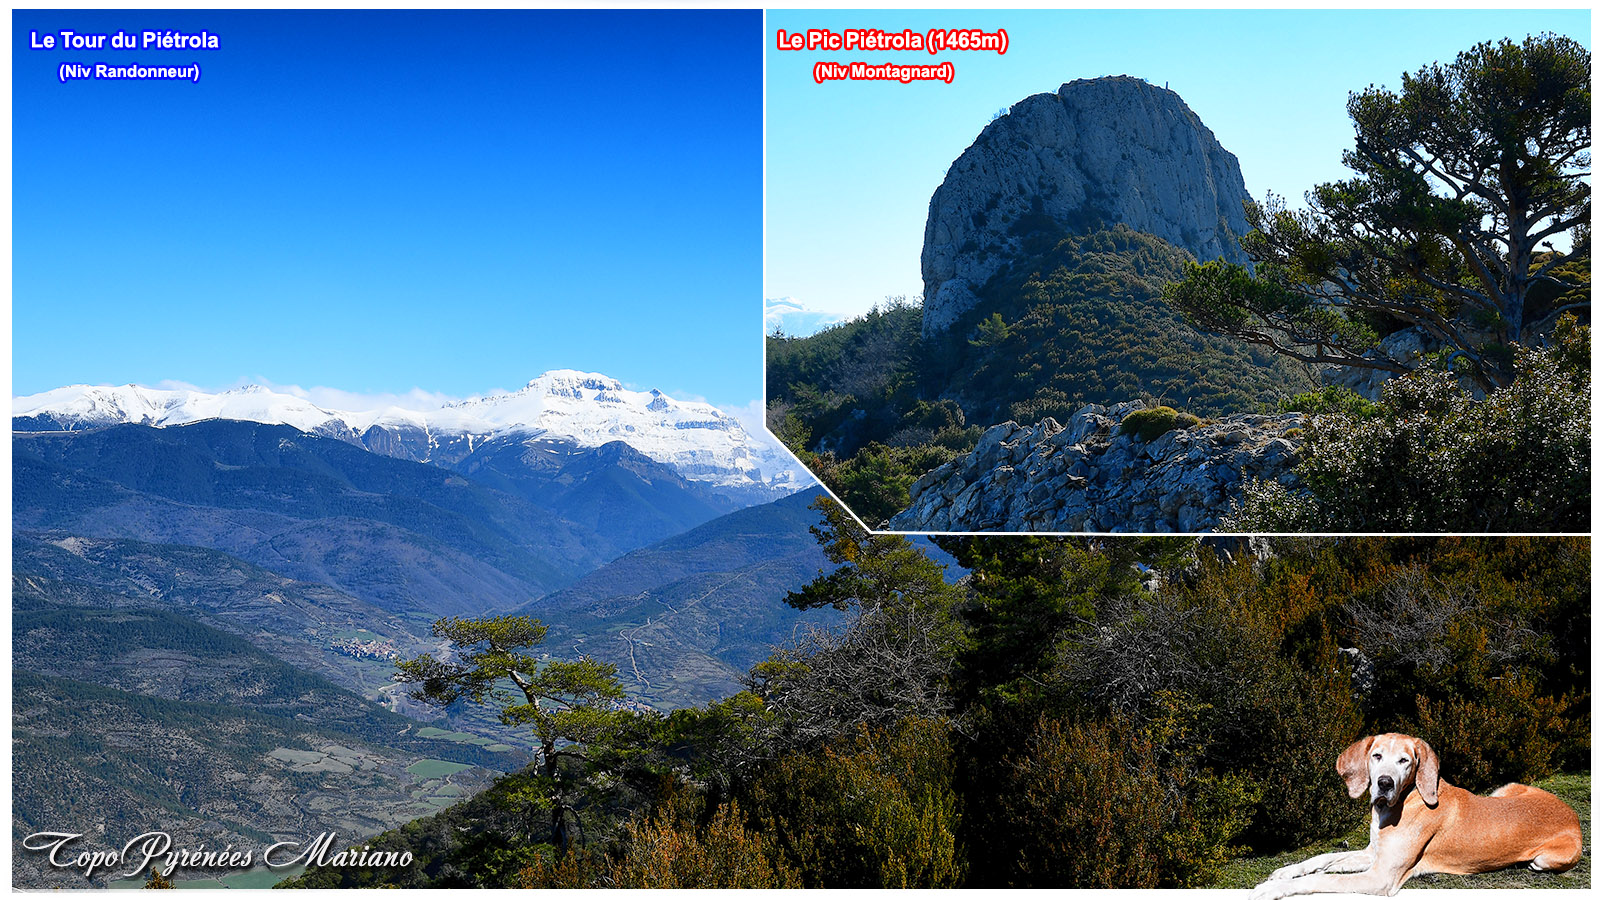 Randonnée Tour du Piétrola et son ascension (1465m)